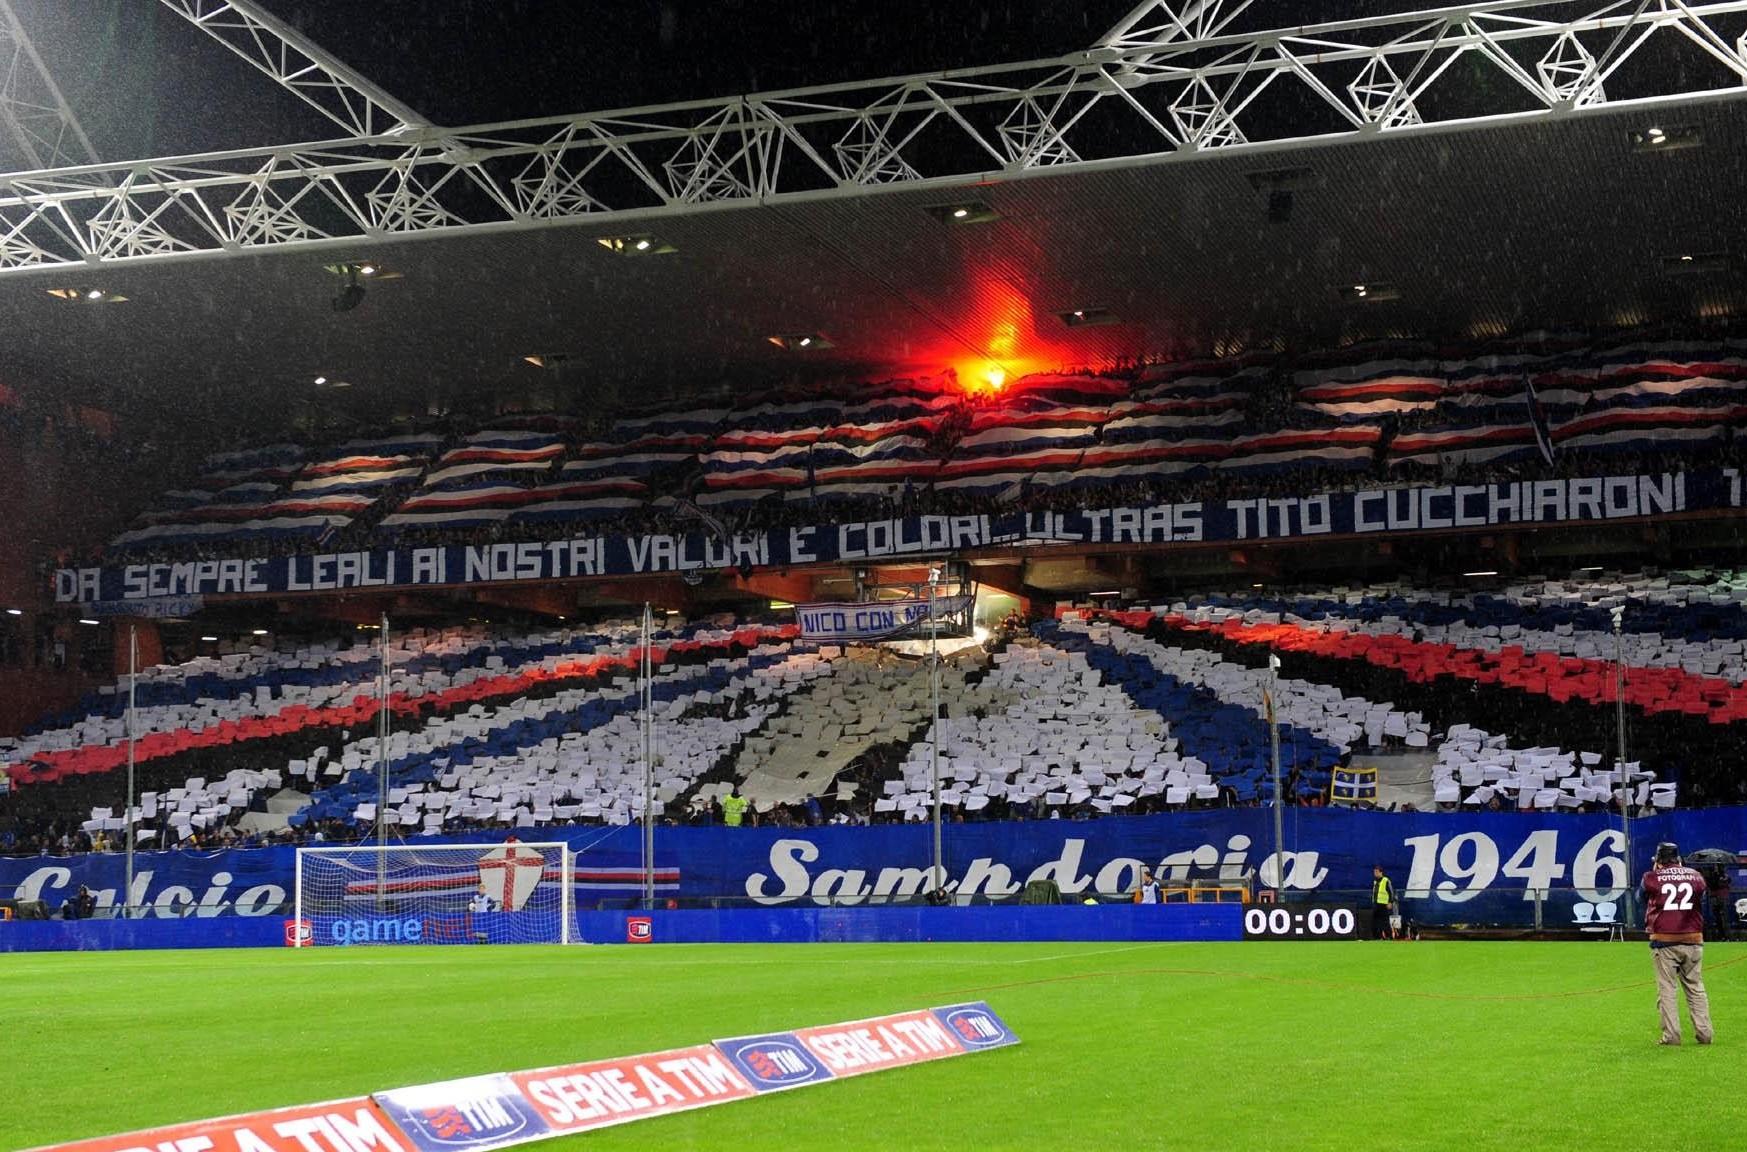 Lazio Sampdoria streaming in diretta